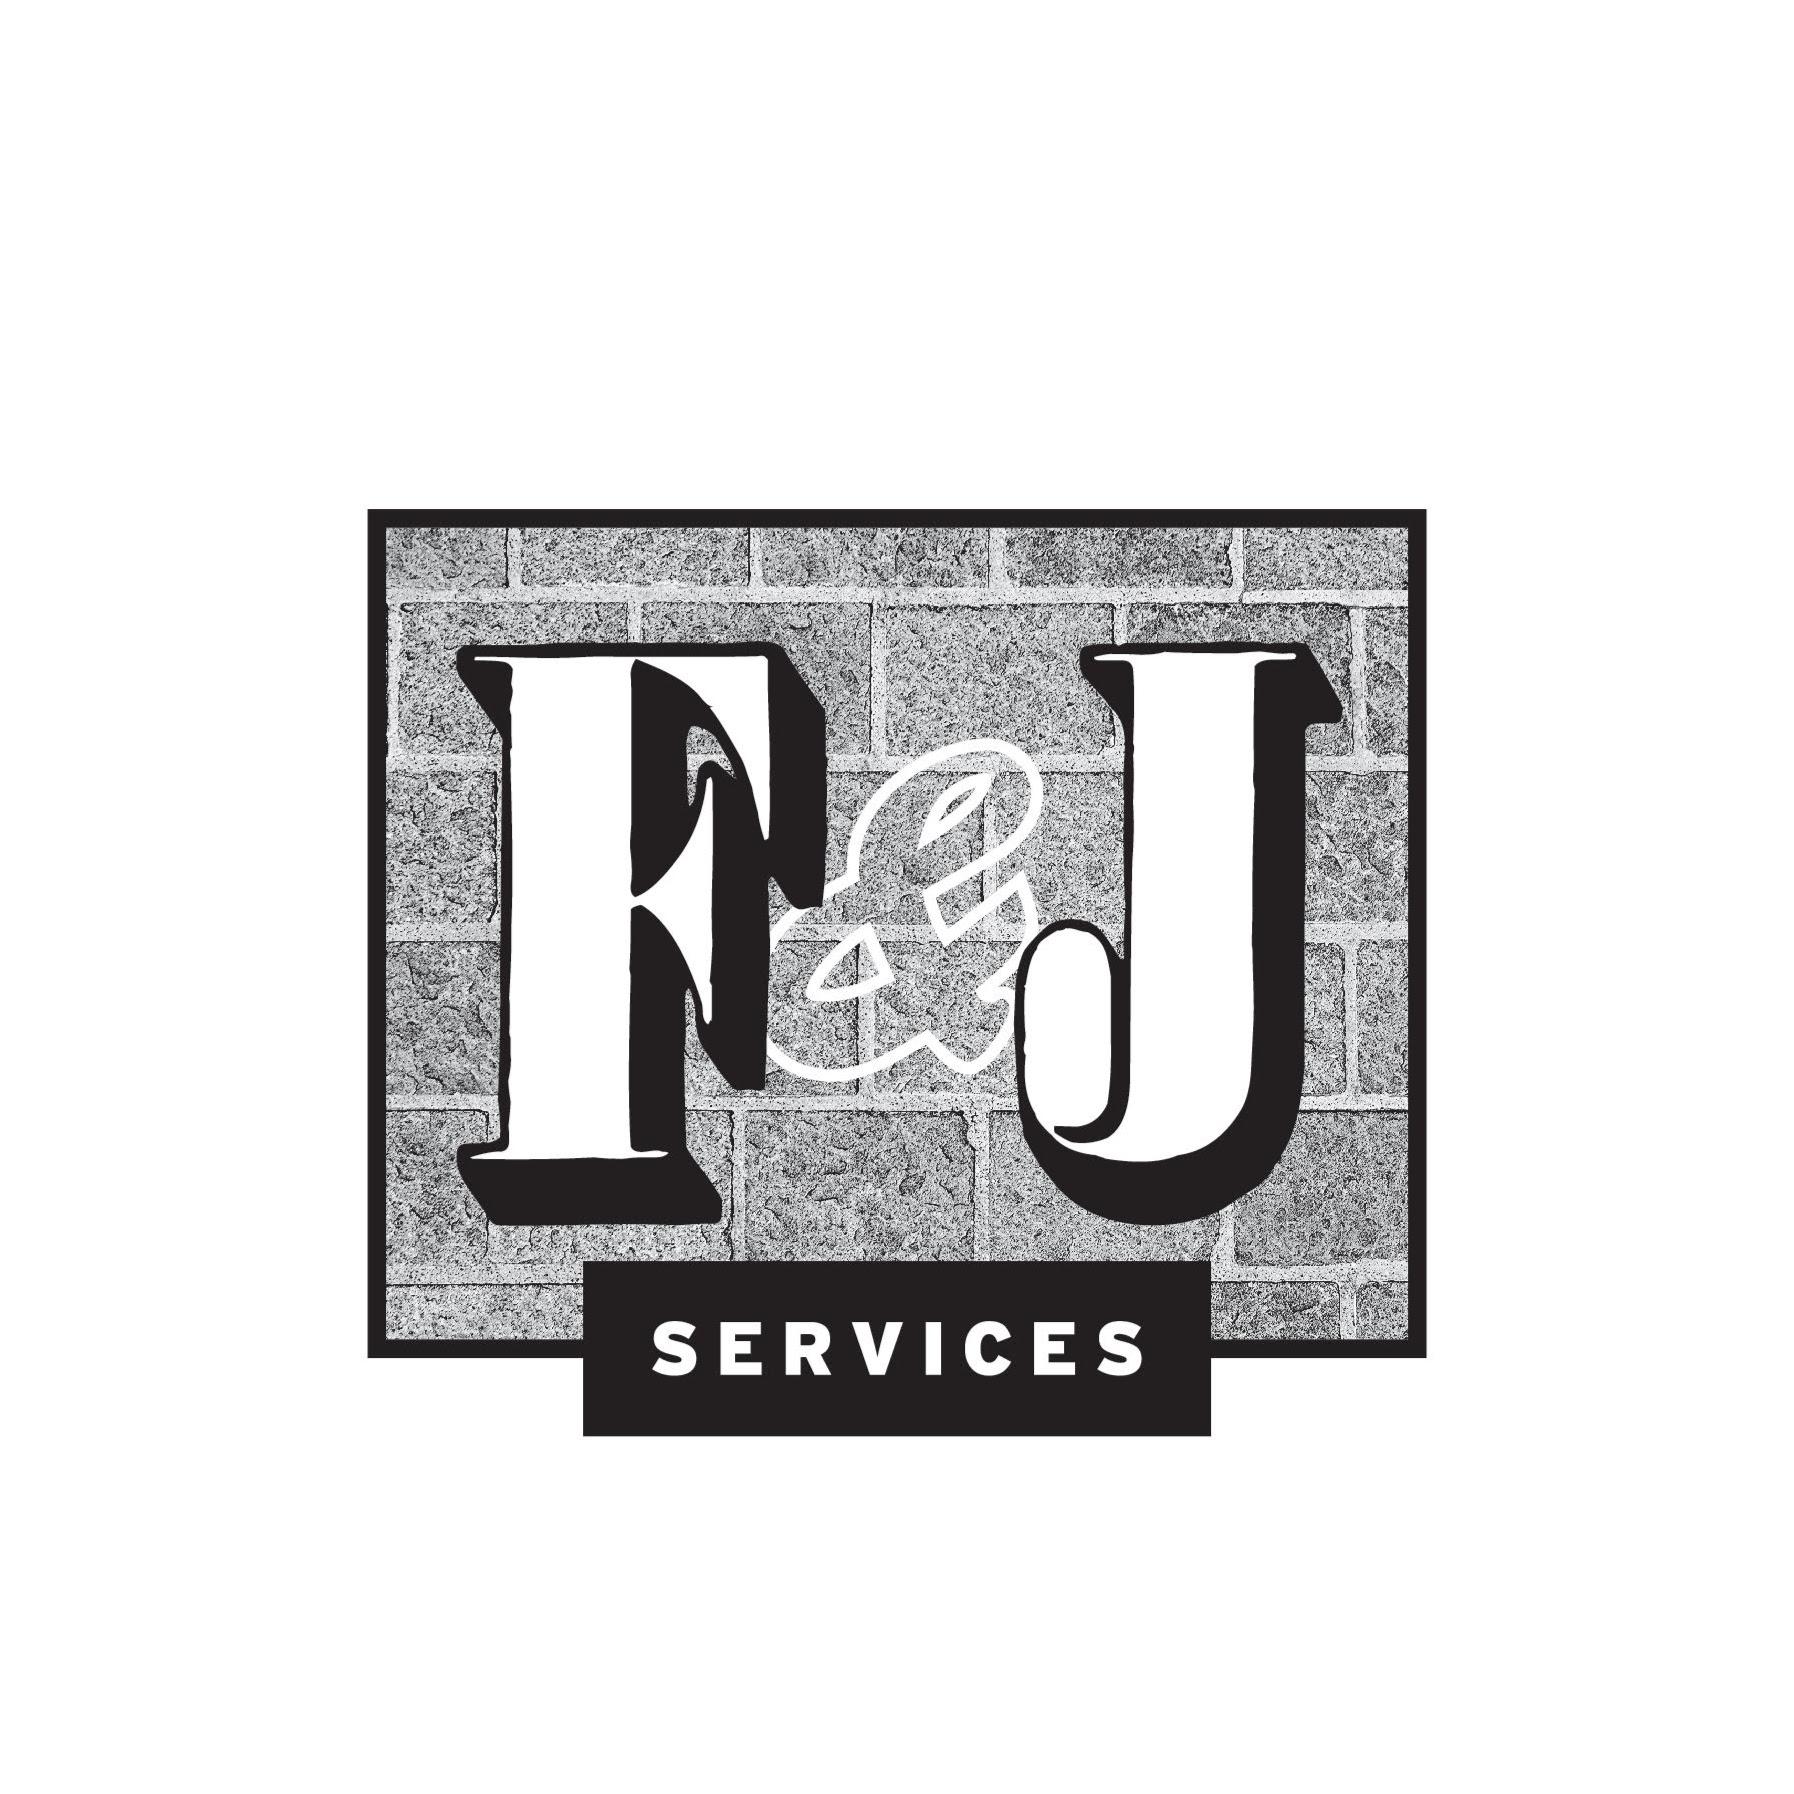 F&J services llc